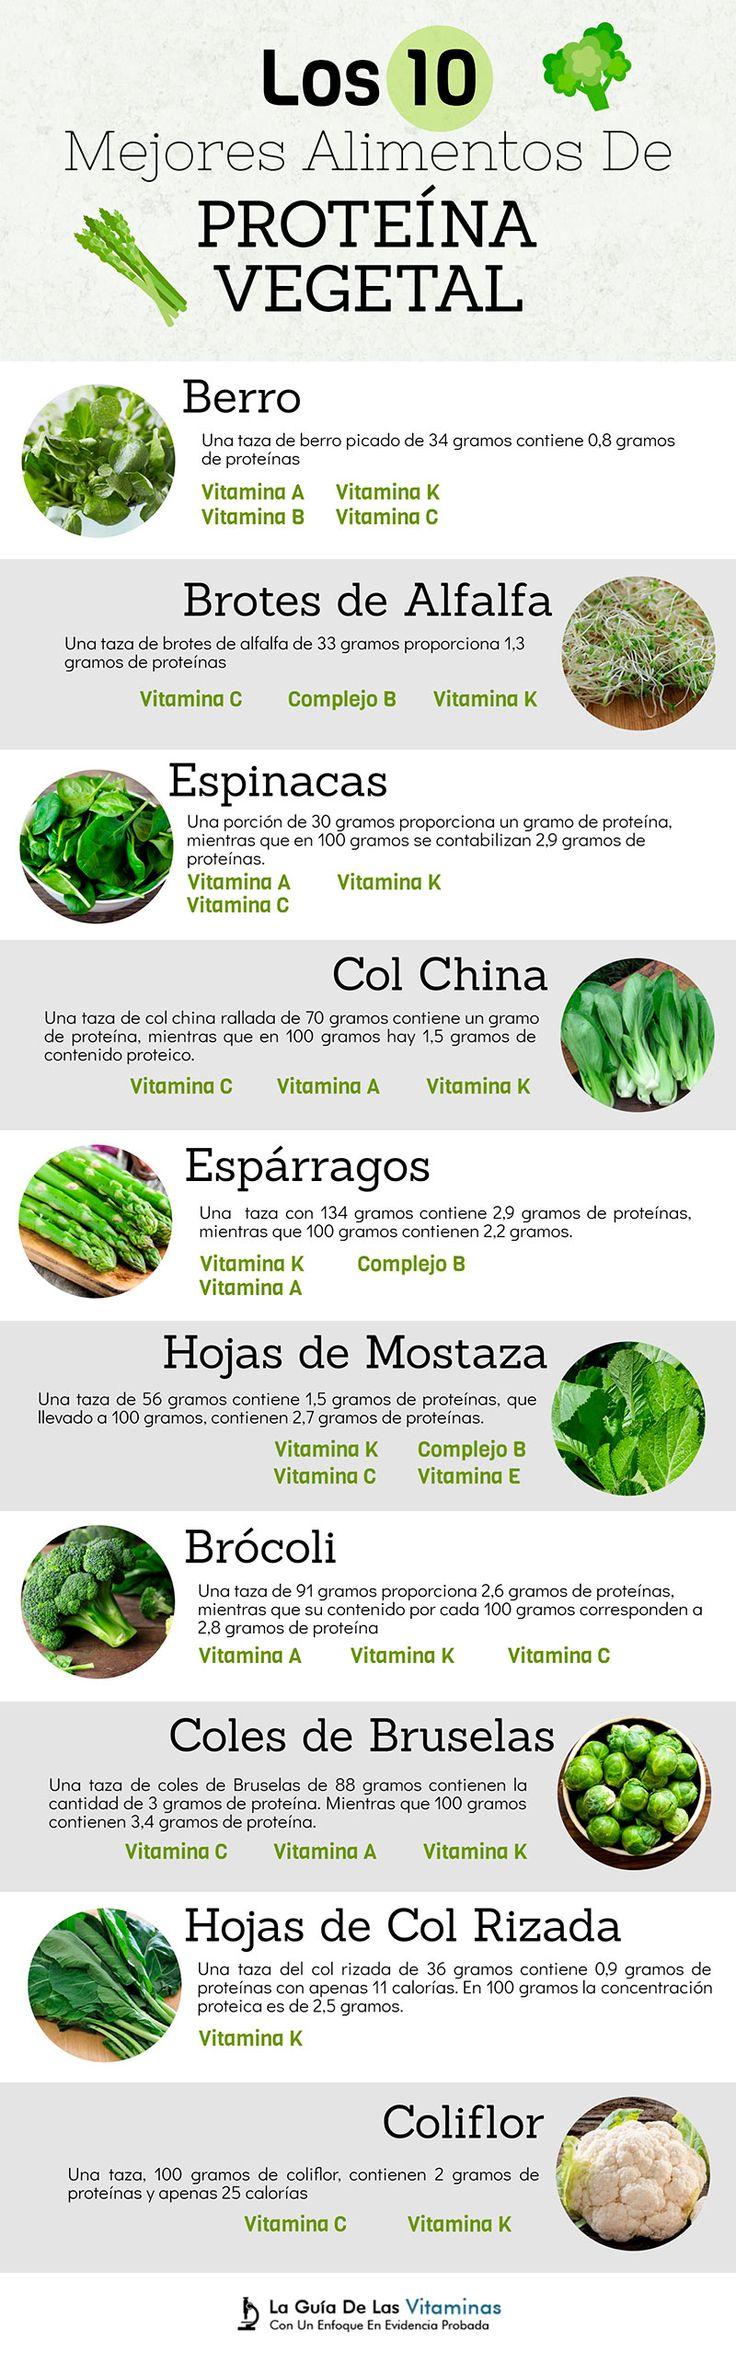 Los 10 Mejores Alimentos De Proteína Vegetal - La Guía de las Vitaminas